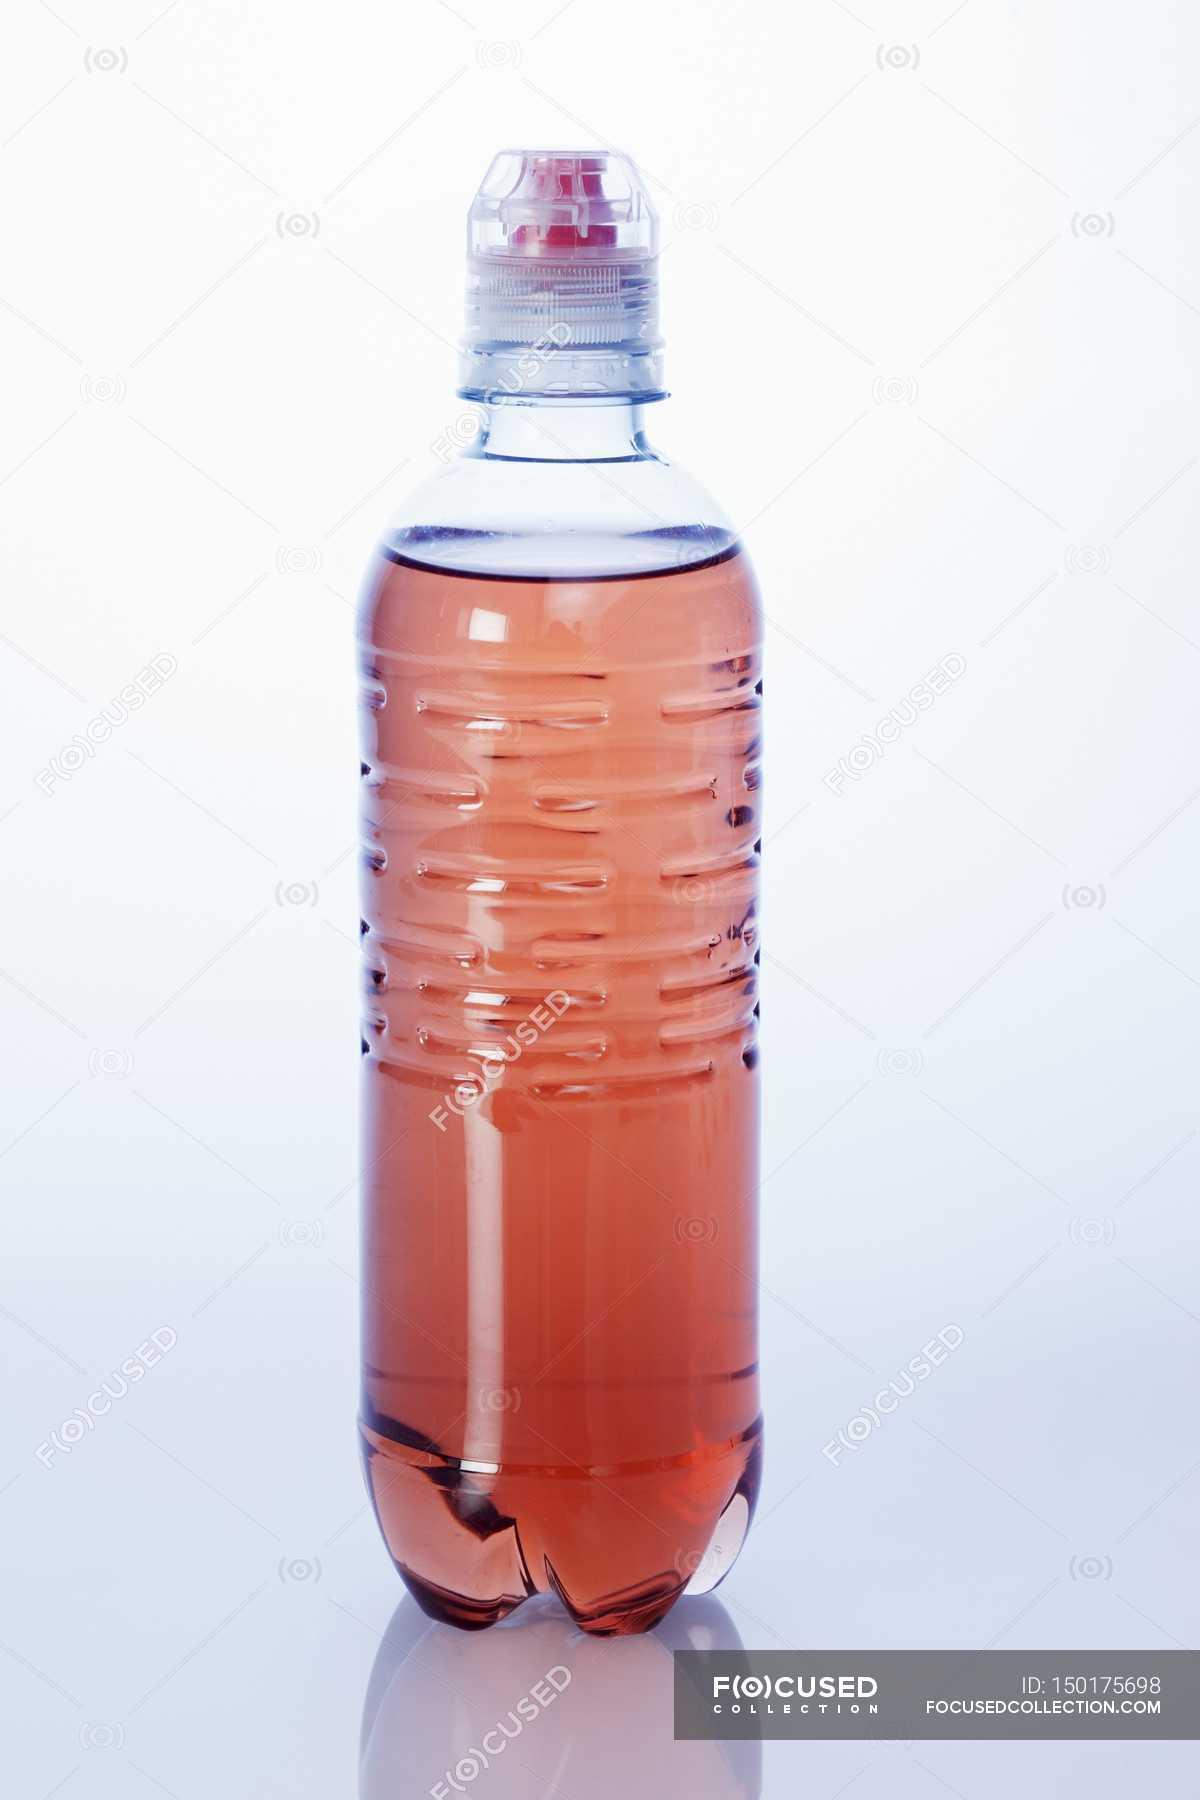 картинки энергетиков в пластиковых бутылках снимки только удивили